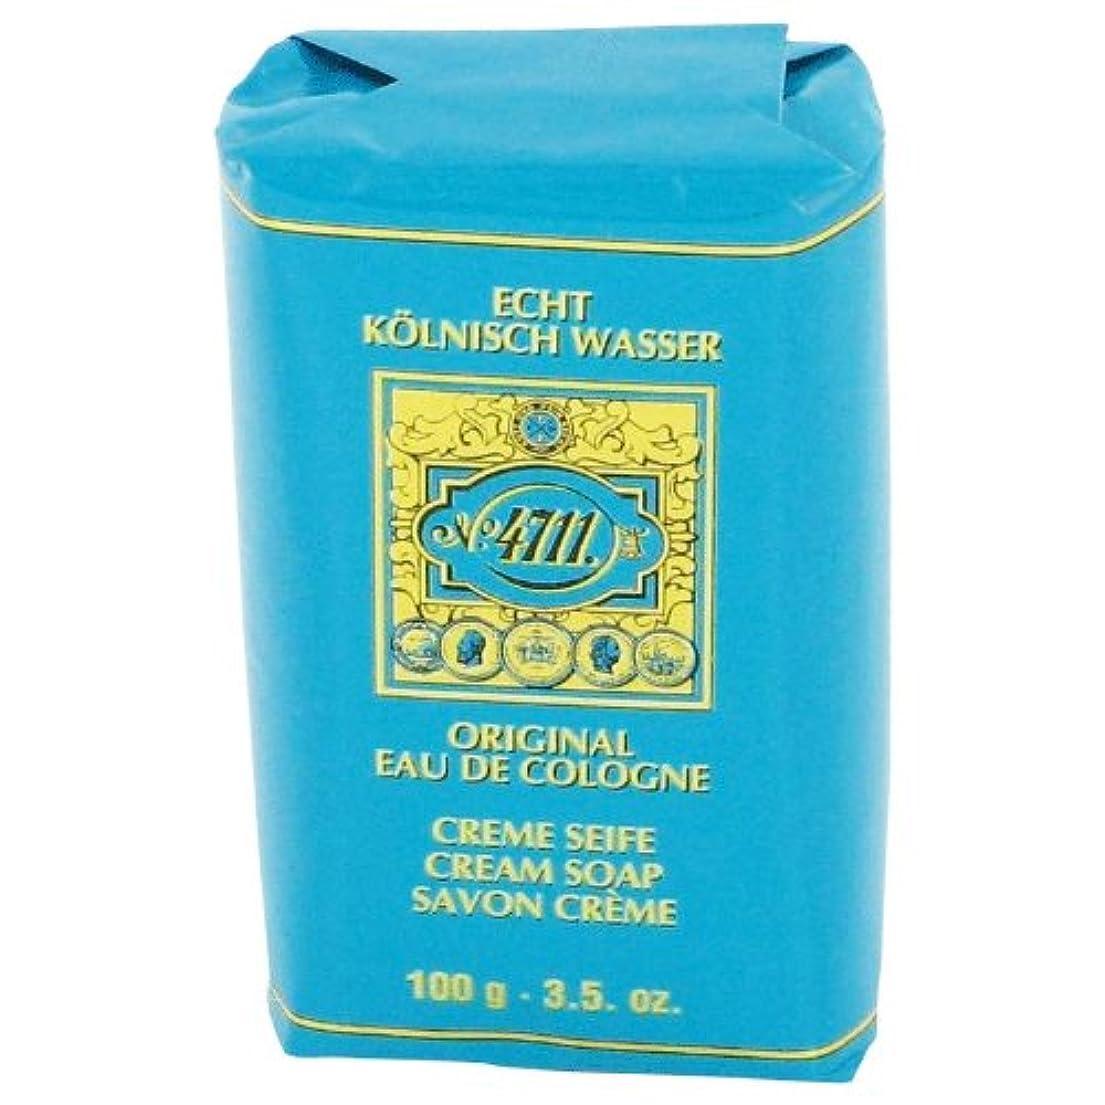 話すミュウミュウデュアル4711 cream soap 100 gr [海外直送品] [並行輸入品]